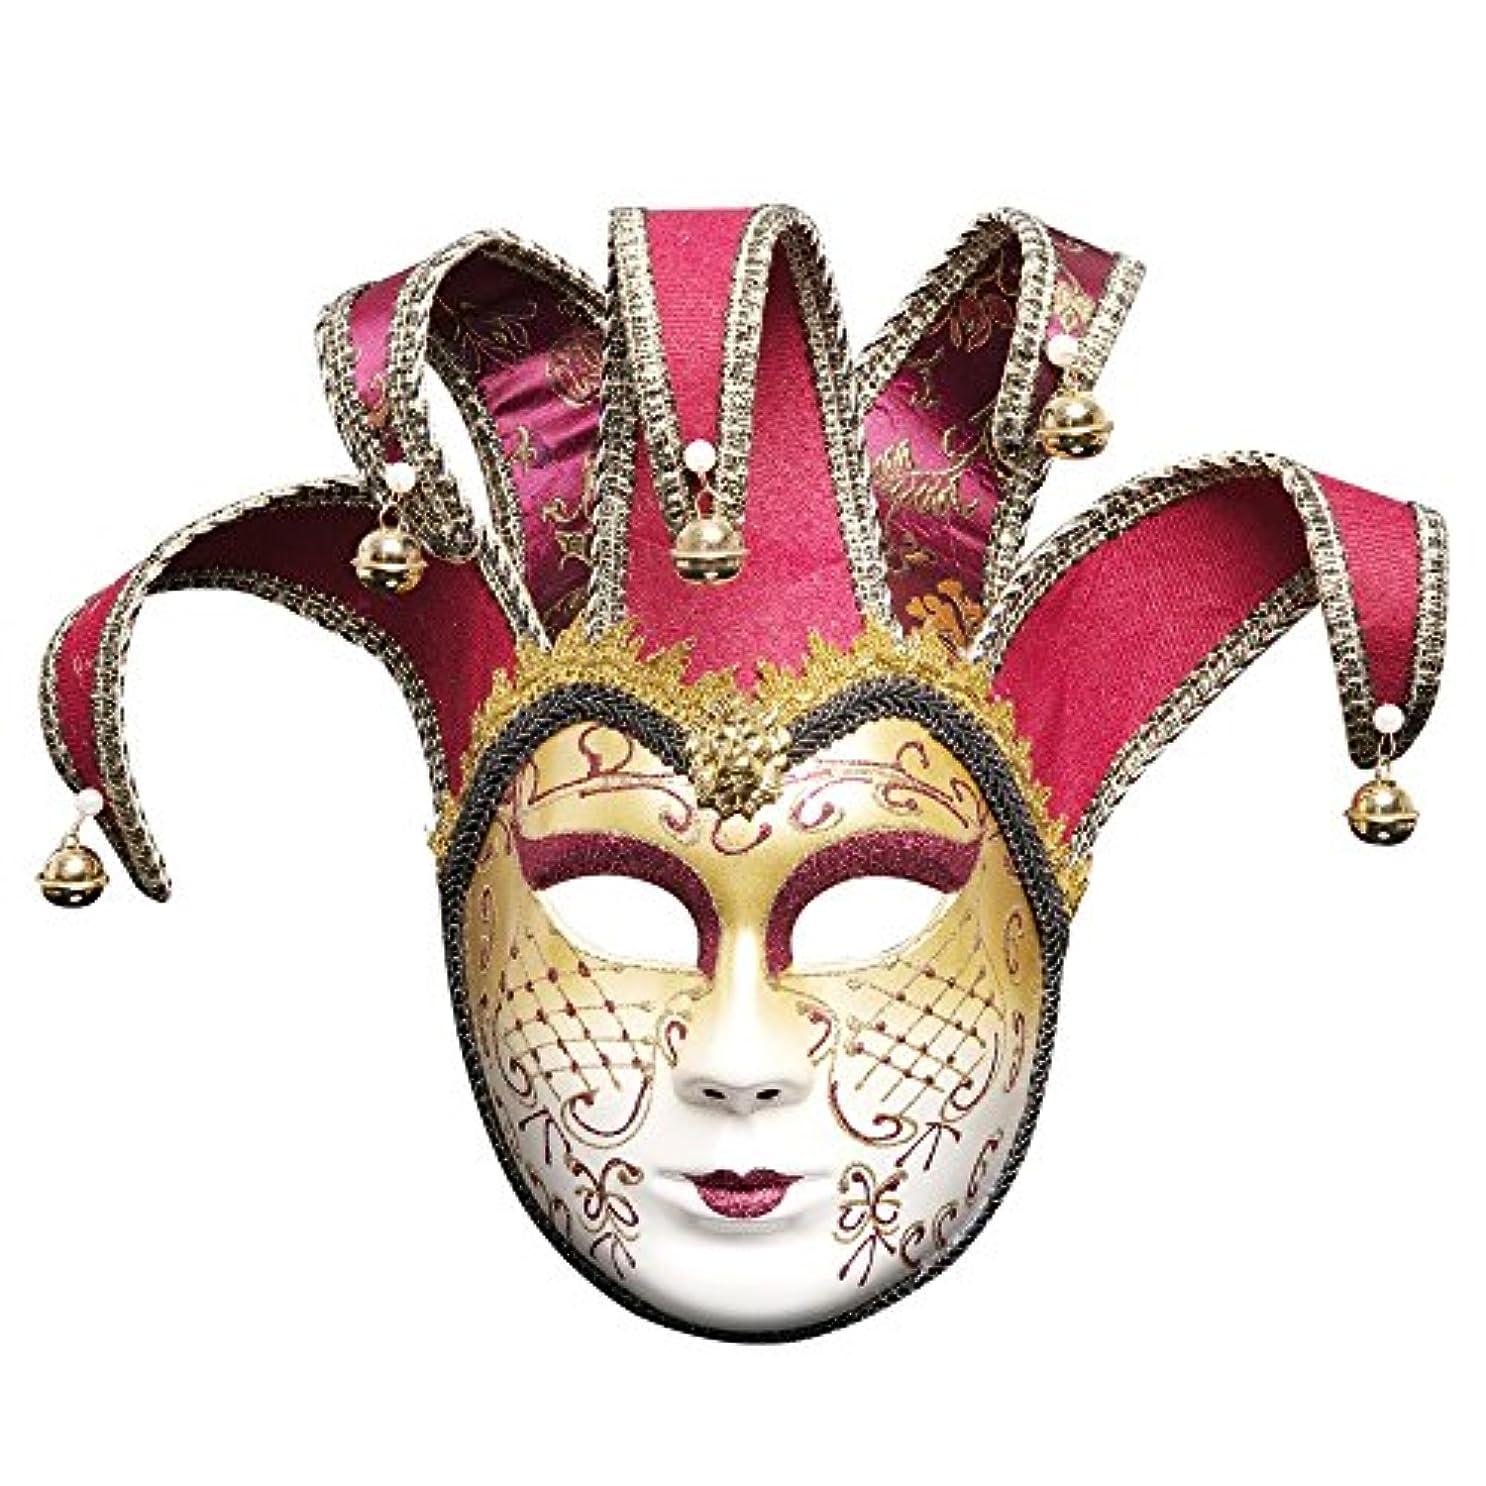 適性不一致姿勢ハロウィンボールパーティーマスククリスマスクリエイティブ新しいフルフェイスメイクアップマスク (Color : D)